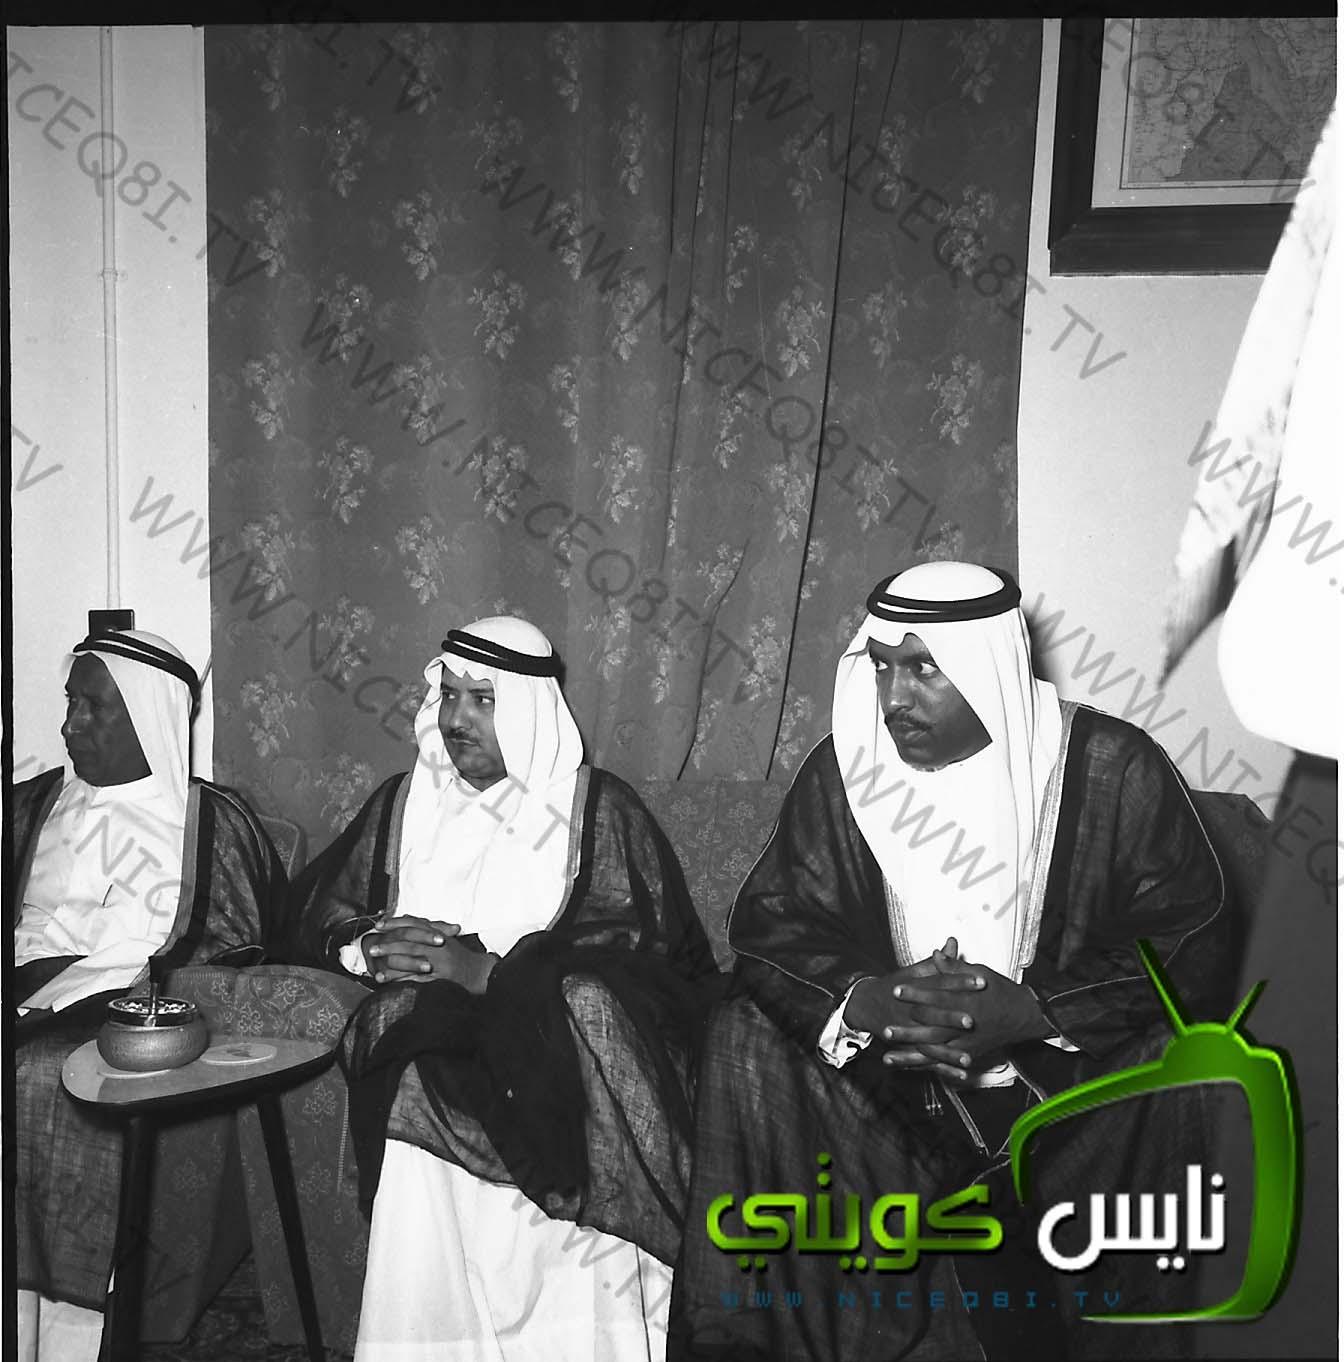 المغفور له بأذن الله الشيخ سعد العبدالله وزير